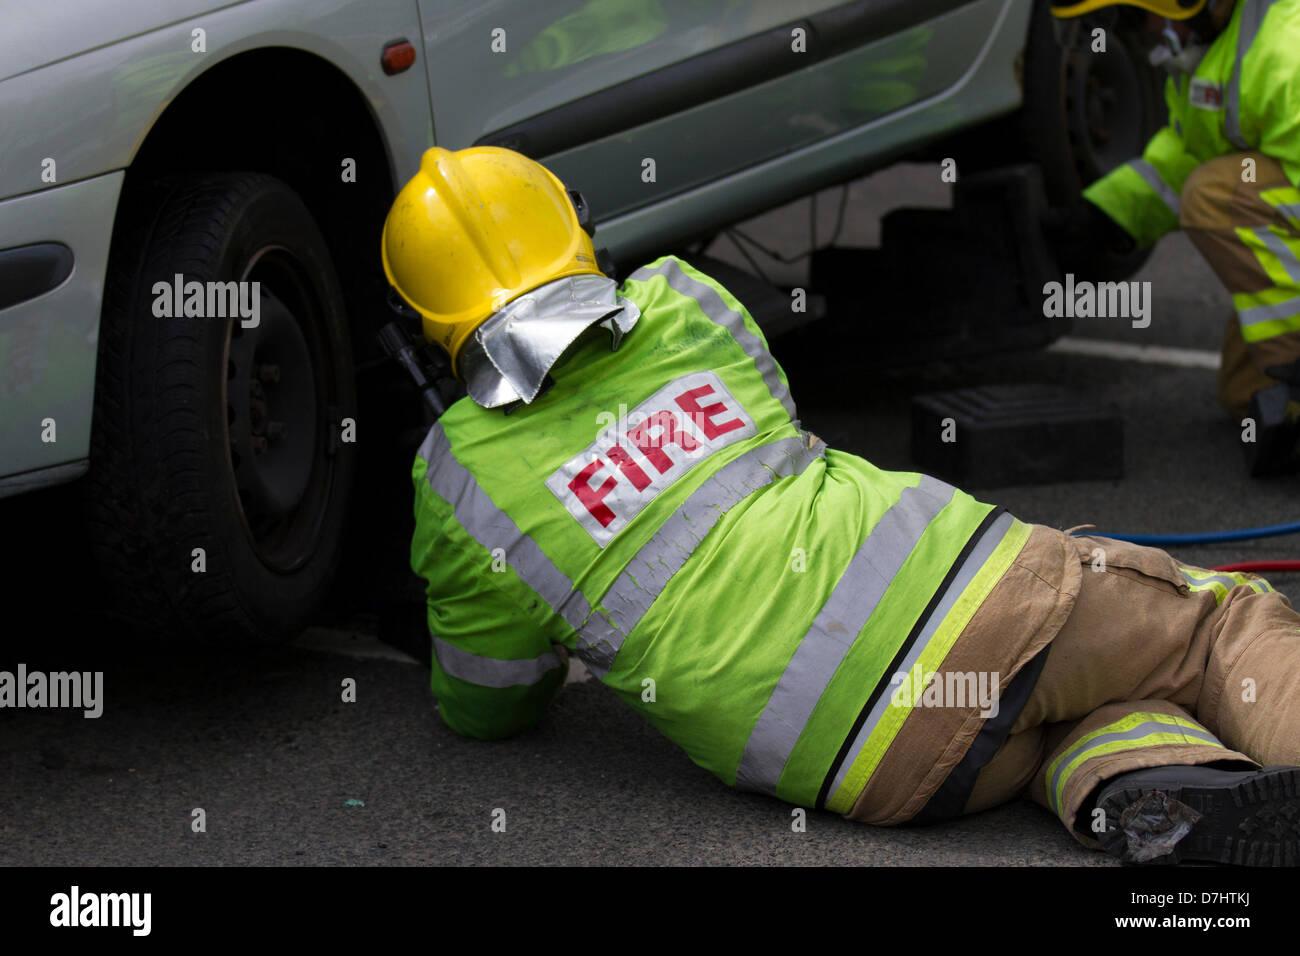 Formby, MERSEYSIDE REGNO UNITO 8 Maggio, 2013. La stabilizzazione della vettura. Una dimostrazione di soccorso durante Immagini Stock